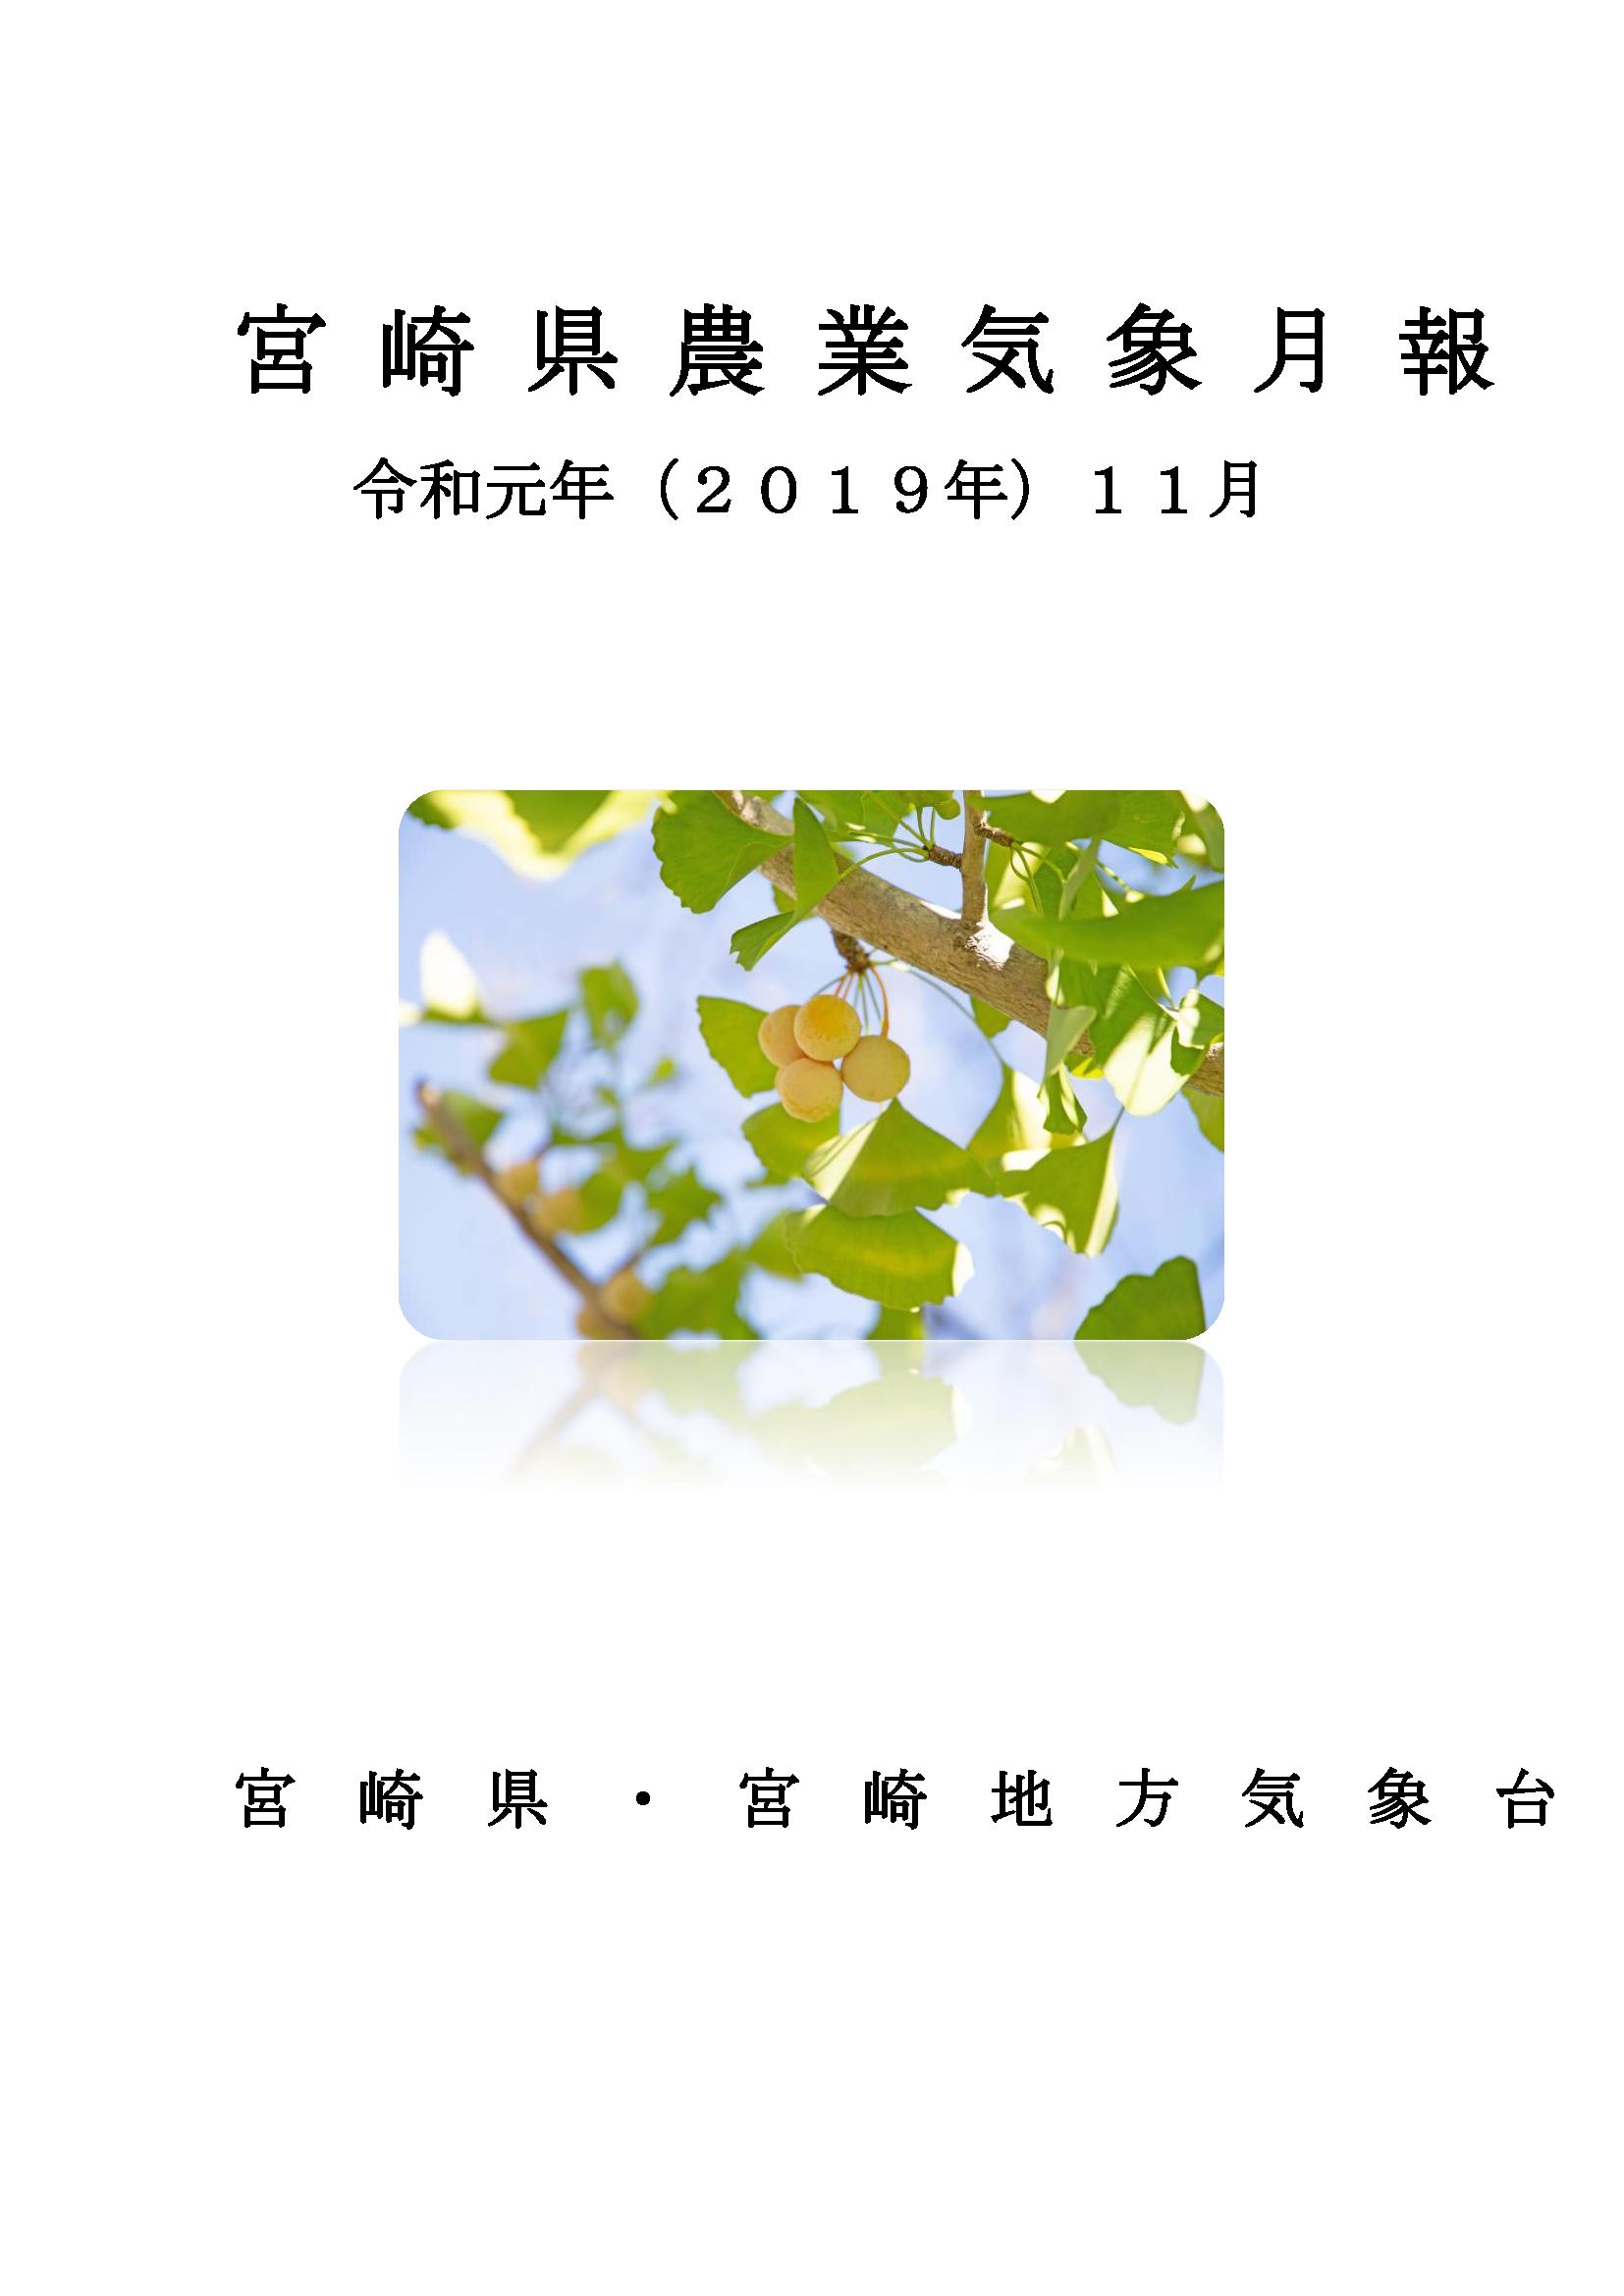 令和元年10月農業気象月報PDF